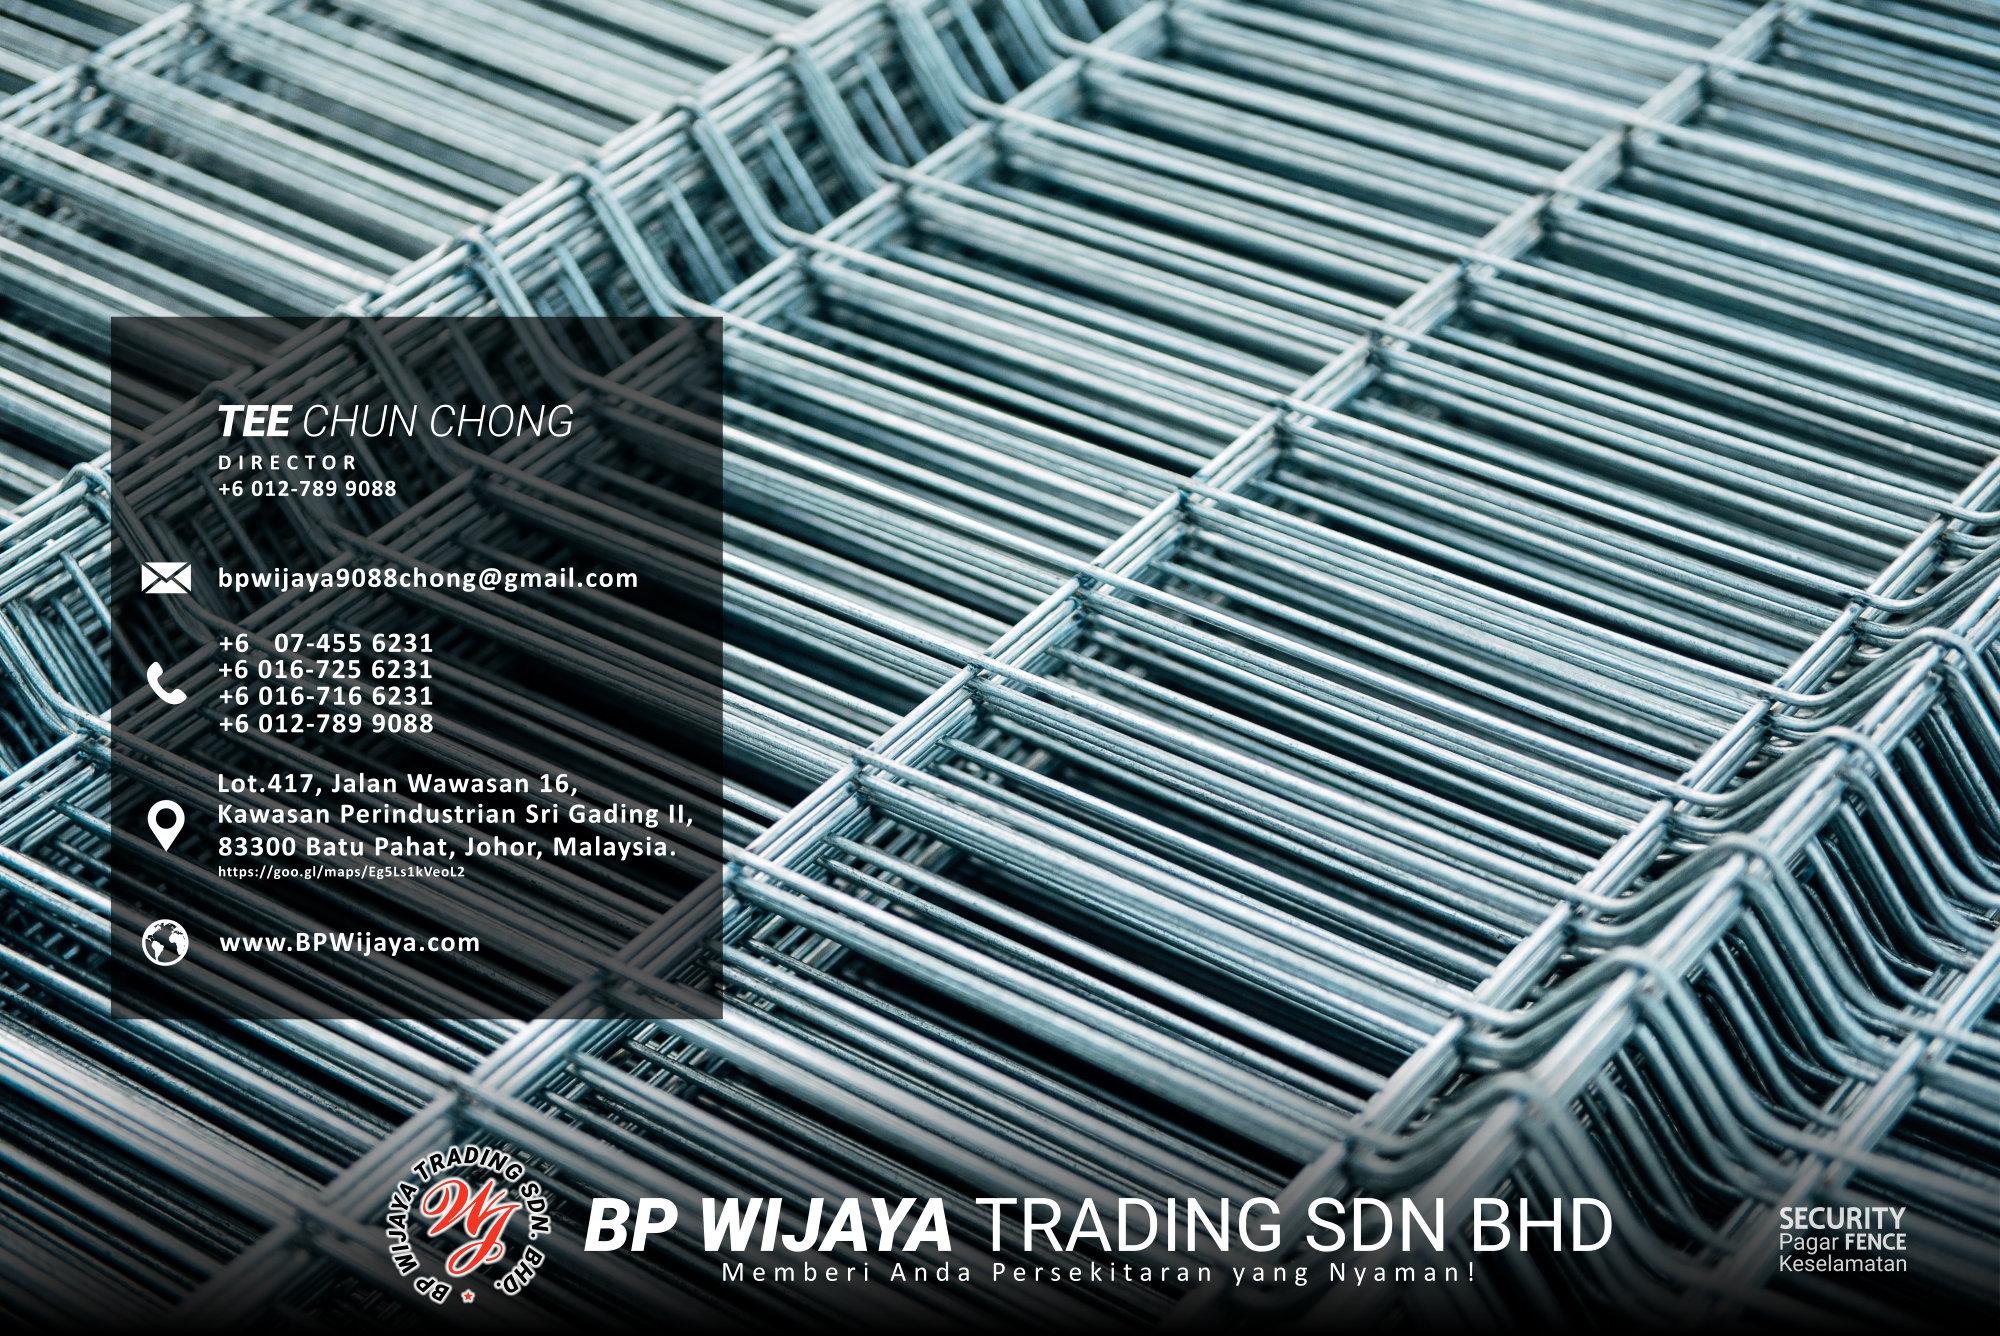 Pembekal Kuala Lumpur Pagar Keselamatan kami merupakan pengilang pagar keselamatan BP Wijaya Trading Sdn Bhd Pagar Taman Pagar Bangunan Pagar Kilang Pagar Rumah Pemborong Pagar Keselamatan A03-013